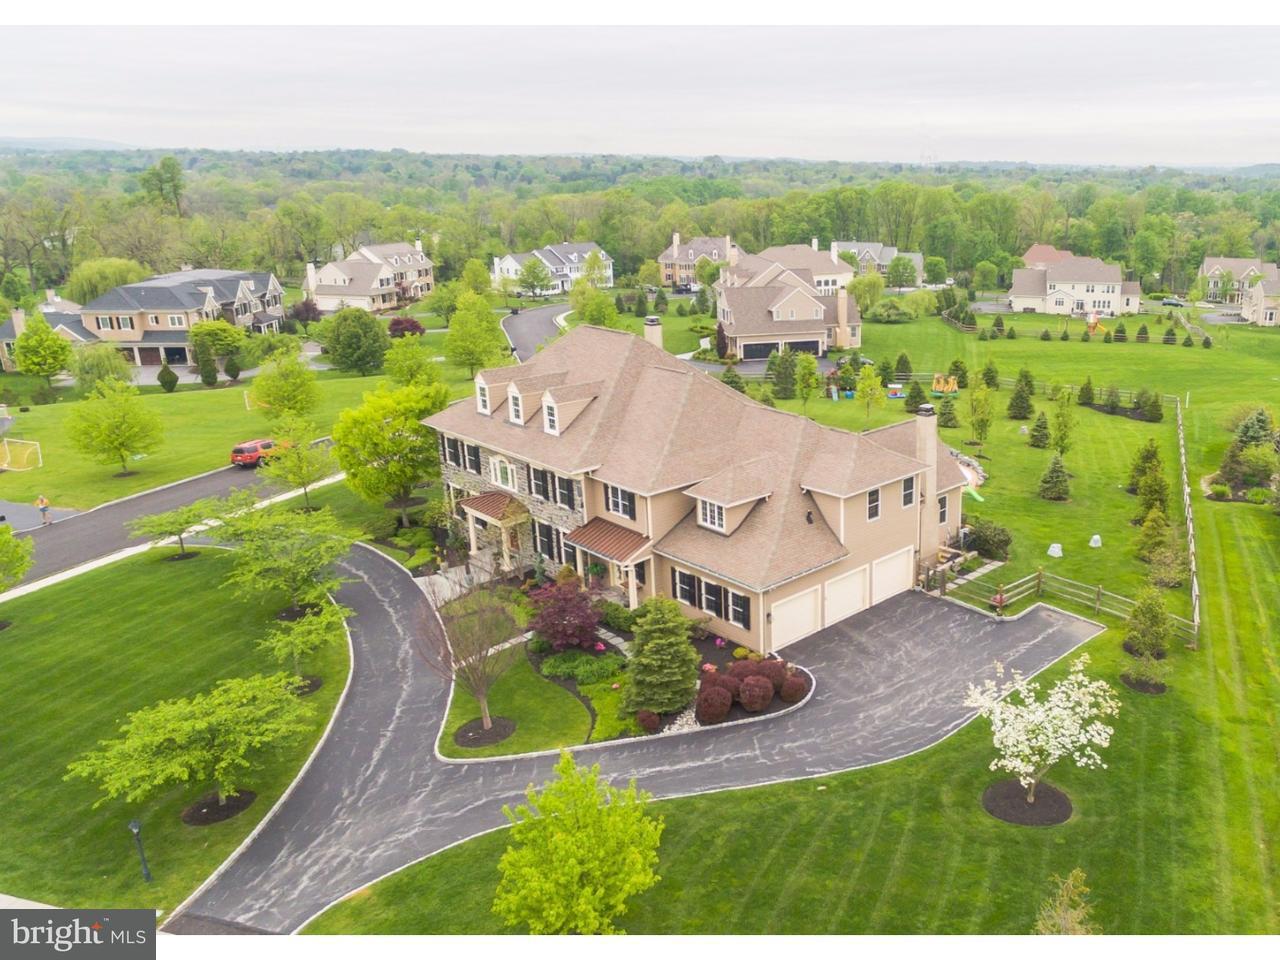 独户住宅 为 出租 在 103 WAVERLY Circle 菲尼克斯维尔, 宾夕法尼亚州 19460 美国